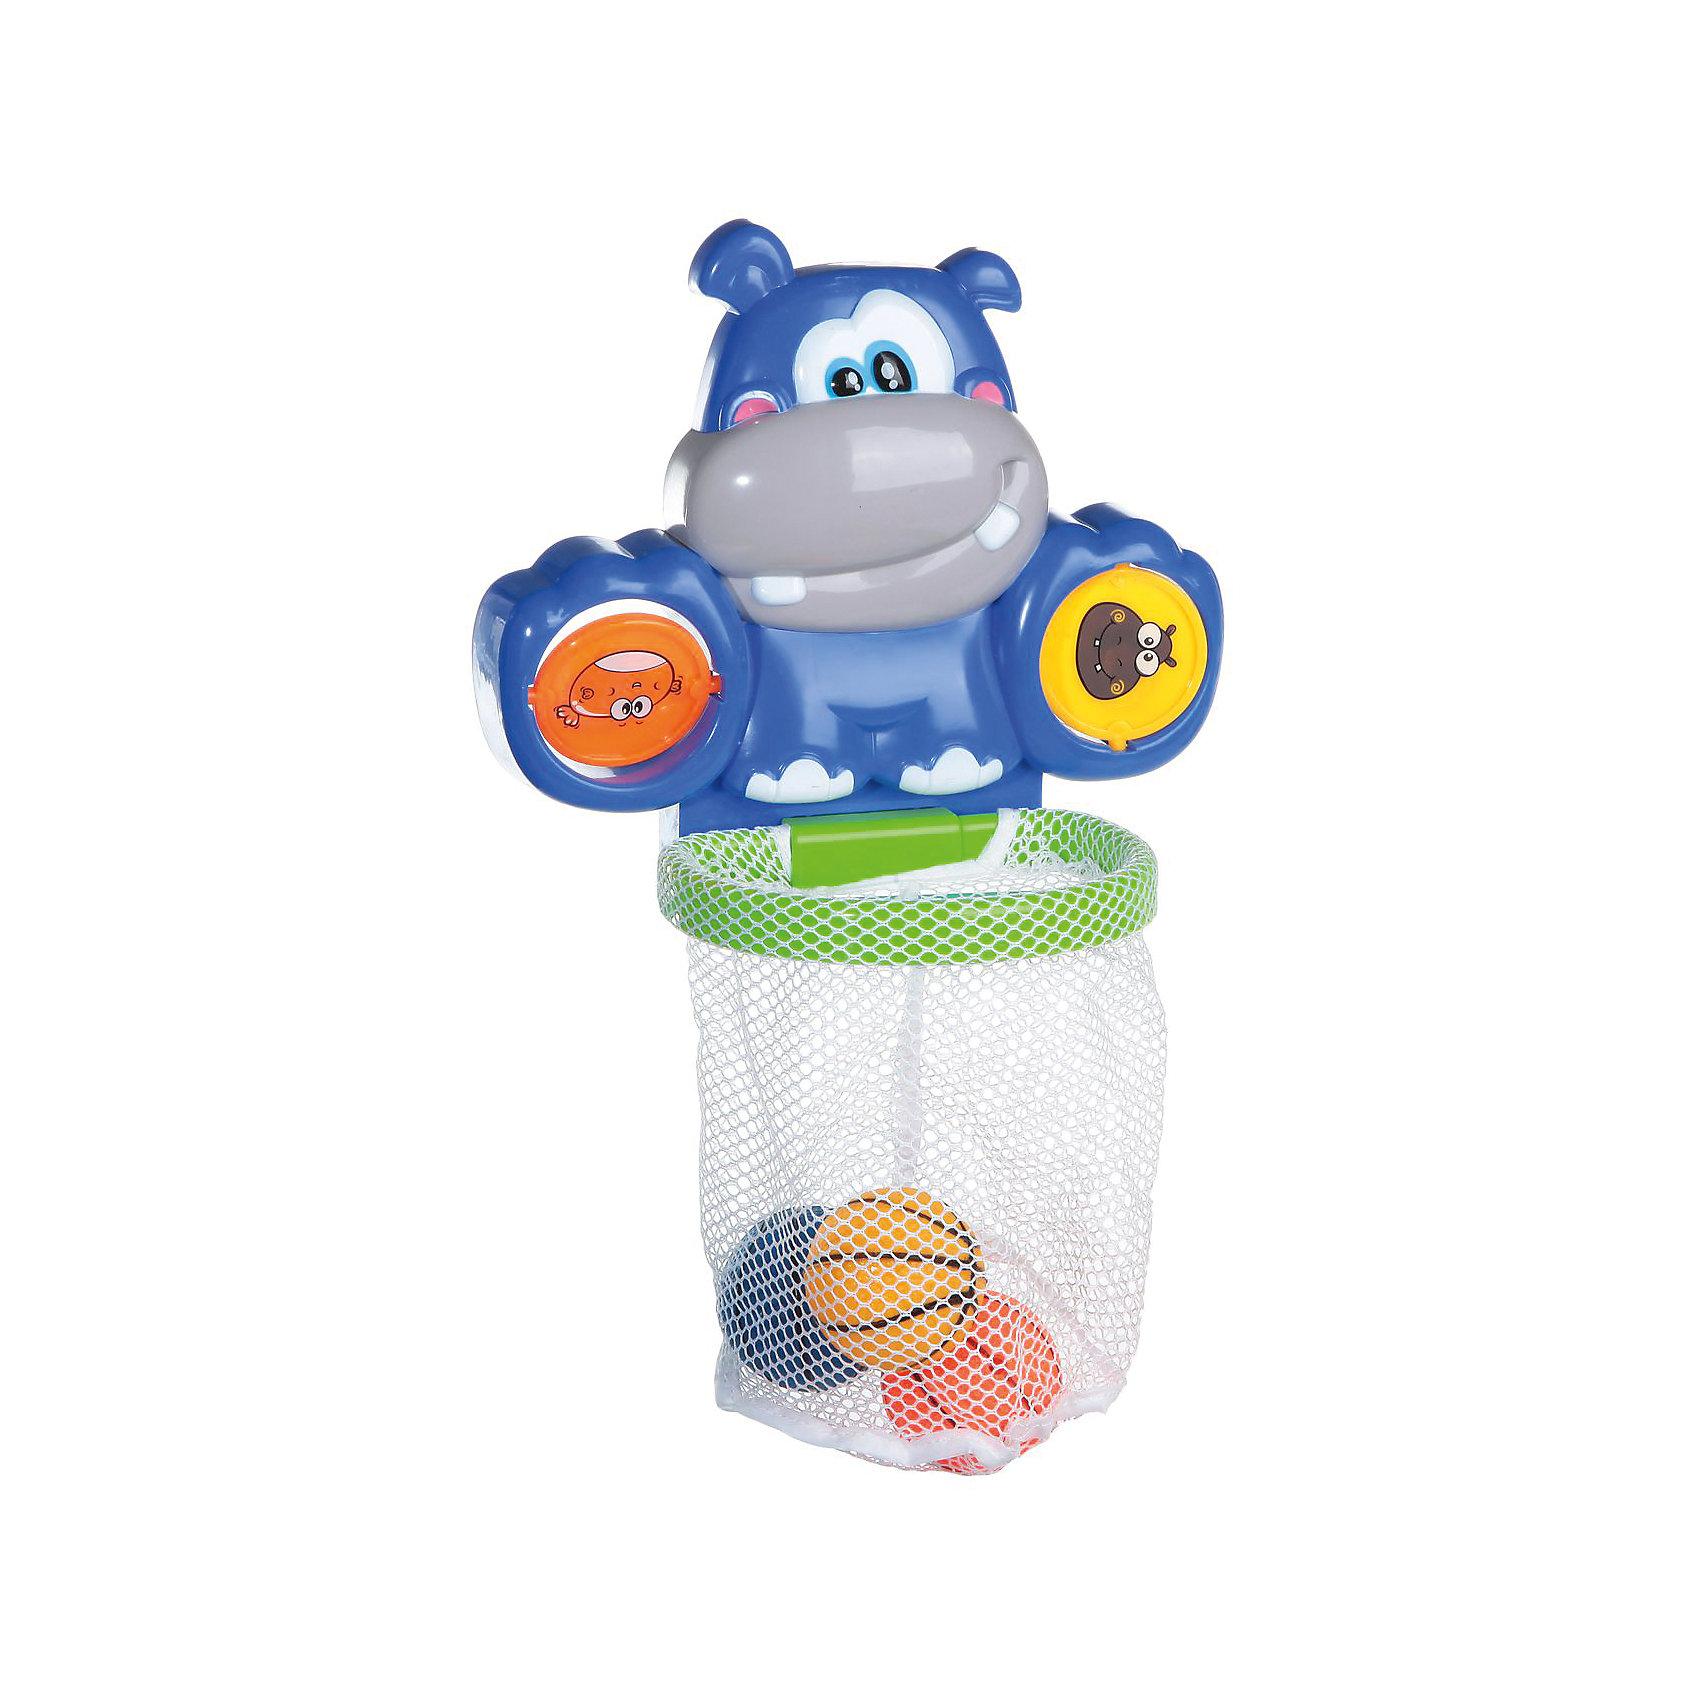 Водный баскетбол для ванной, с аксессуарами, 6 предм, Веселое купание, ABtoysИгровые наборы<br>Веселое купание. Водный баскетбол для ванной, в наборе с аксессуарами 6 предметов, в коробке, 41,5x6,5x27,5 см<br><br>Ширина мм: 415<br>Глубина мм: 65<br>Высота мм: 275<br>Вес г: 460<br>Возраст от месяцев: 36<br>Возраст до месяцев: 96<br>Пол: Унисекс<br>Возраст: Детский<br>SKU: 5500933